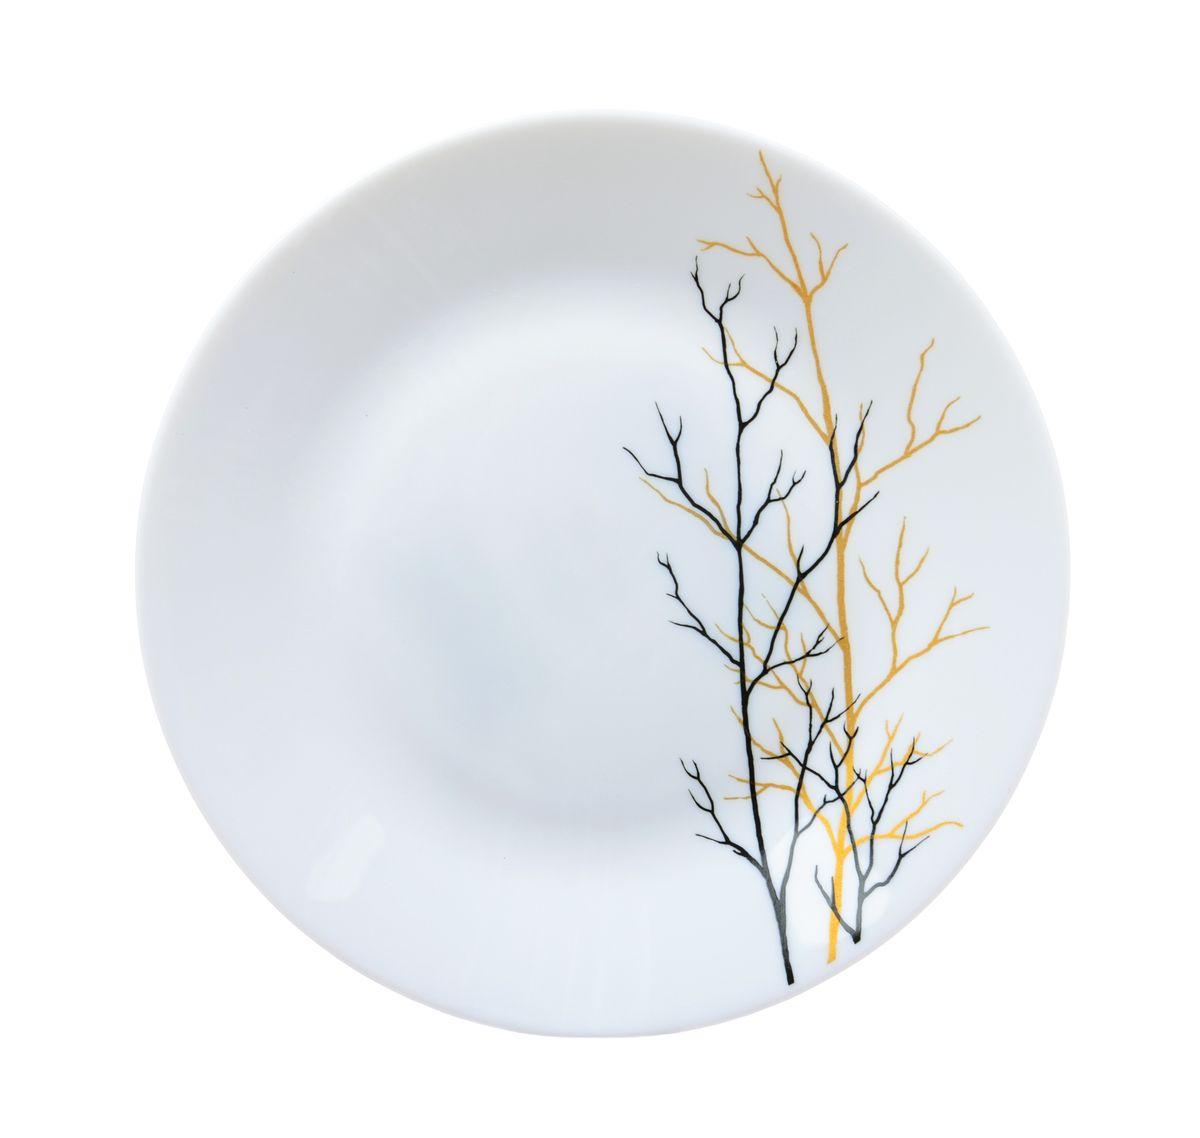 Тарелка десертная La Opala Золотая осень, диаметр 19 смOPAF002Тарелка десертная La Opala Золотая осень изготовлена из высококачественной стеклокерамики. Предназначена для красивой подачи различных блюд. Изделие украшено ярким рисунком.Такая тарелка украсит сервировку стола и подчеркнет прекрасный вкус хозяйки. Можно мыть в посудомоечной машине и использовать в микроволновой печи.Диаметр: 19 см. Высота: 2 см.